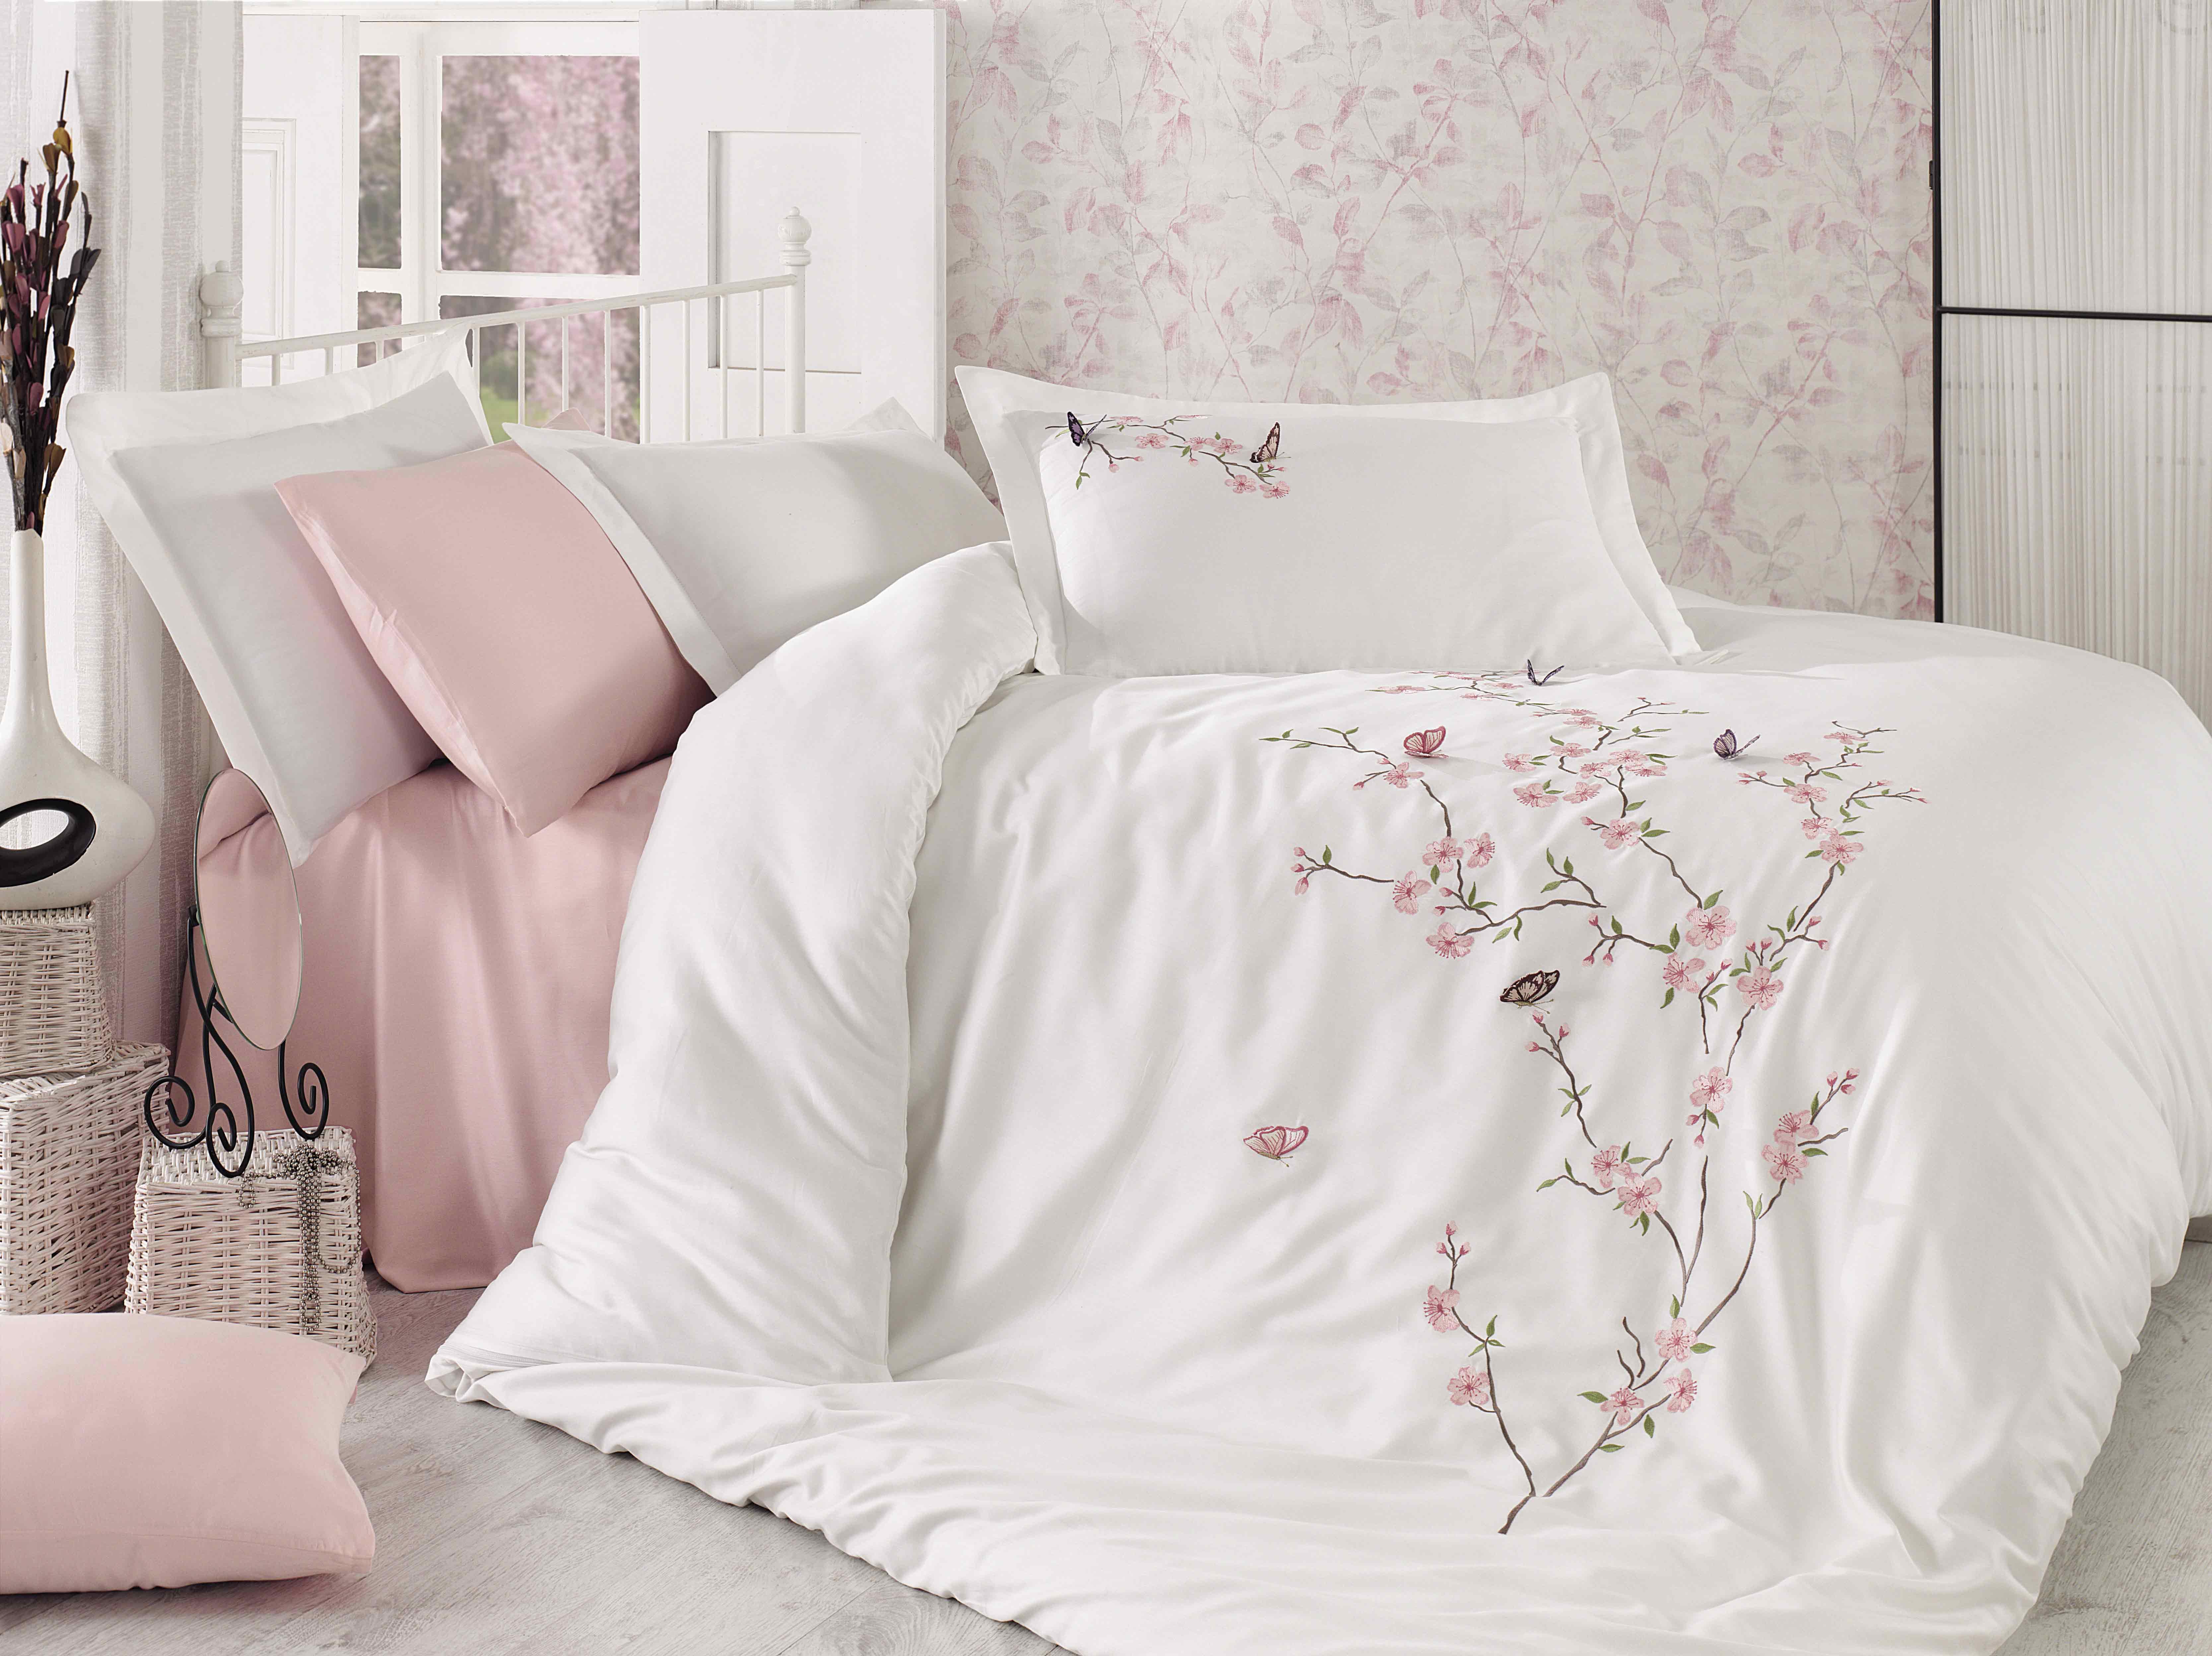 Купить Комплекты постельного белья Dantela Vita, Постельное белье Butterfly Цвет: Кремовый (2 сп. евро), Турция, Белый, Розовый, Хлопковый сатин